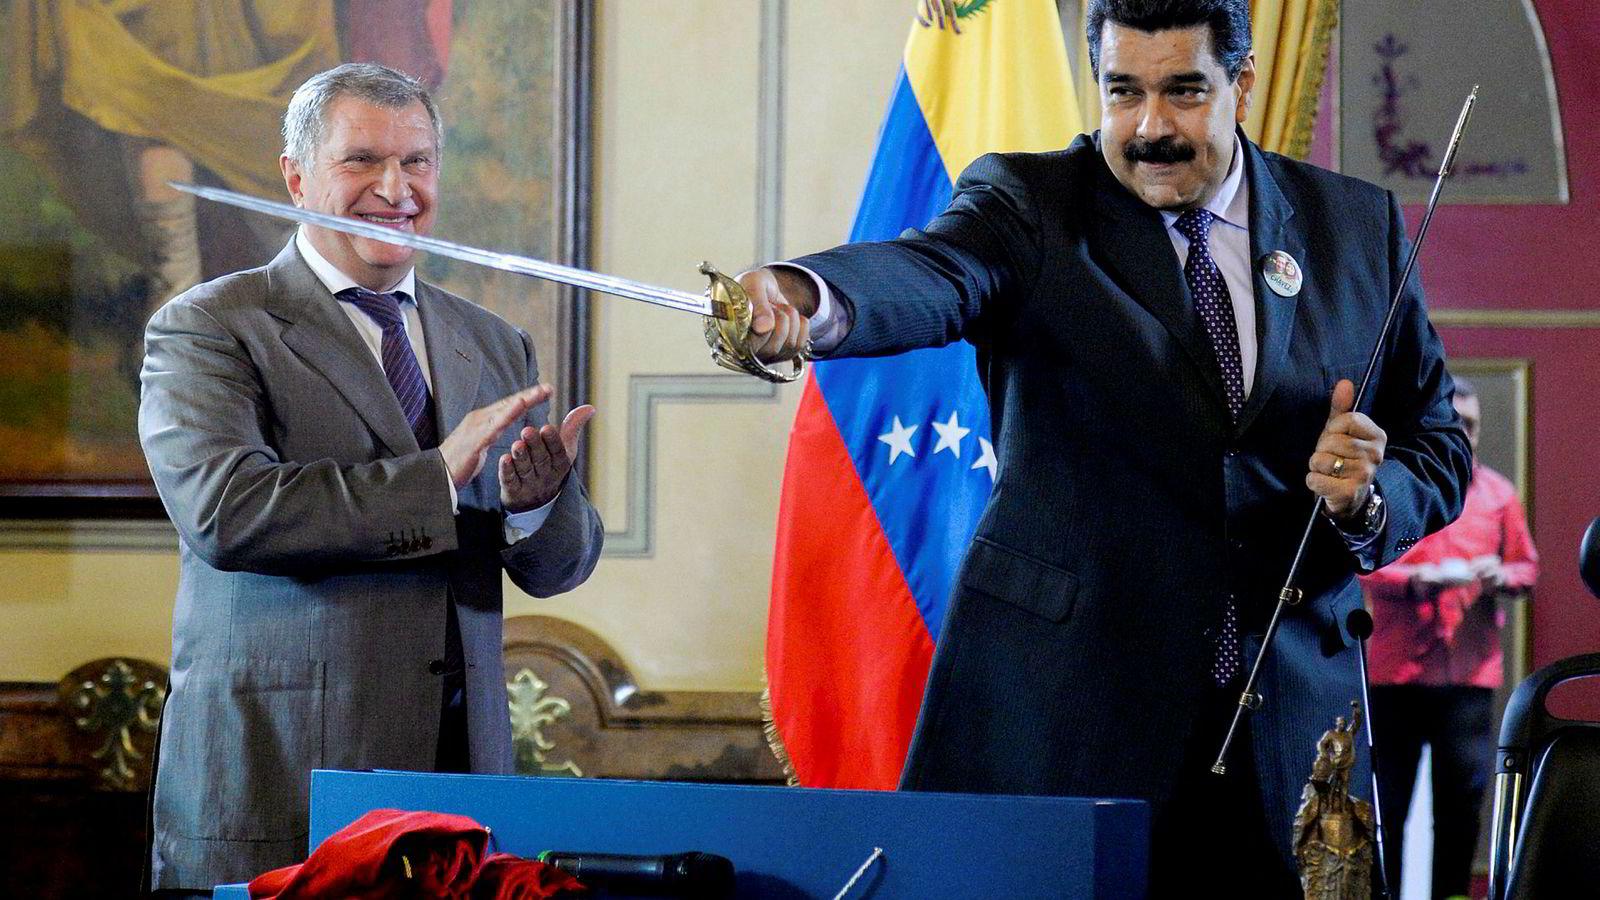 Venezuelas opposisjonsleder, Juan Guaidó, vil ikke utelukke muligheten for at han sier ja til en amerikansk intervensjon for å presse president Nicolás Maduro (til høyre) fra makten. Her fra et møte Maduro hadde med sjefen i det russiske oljeselskapet Rosneft, Igor Sechin, i 2016. Sechin ga Maduro et sverd.